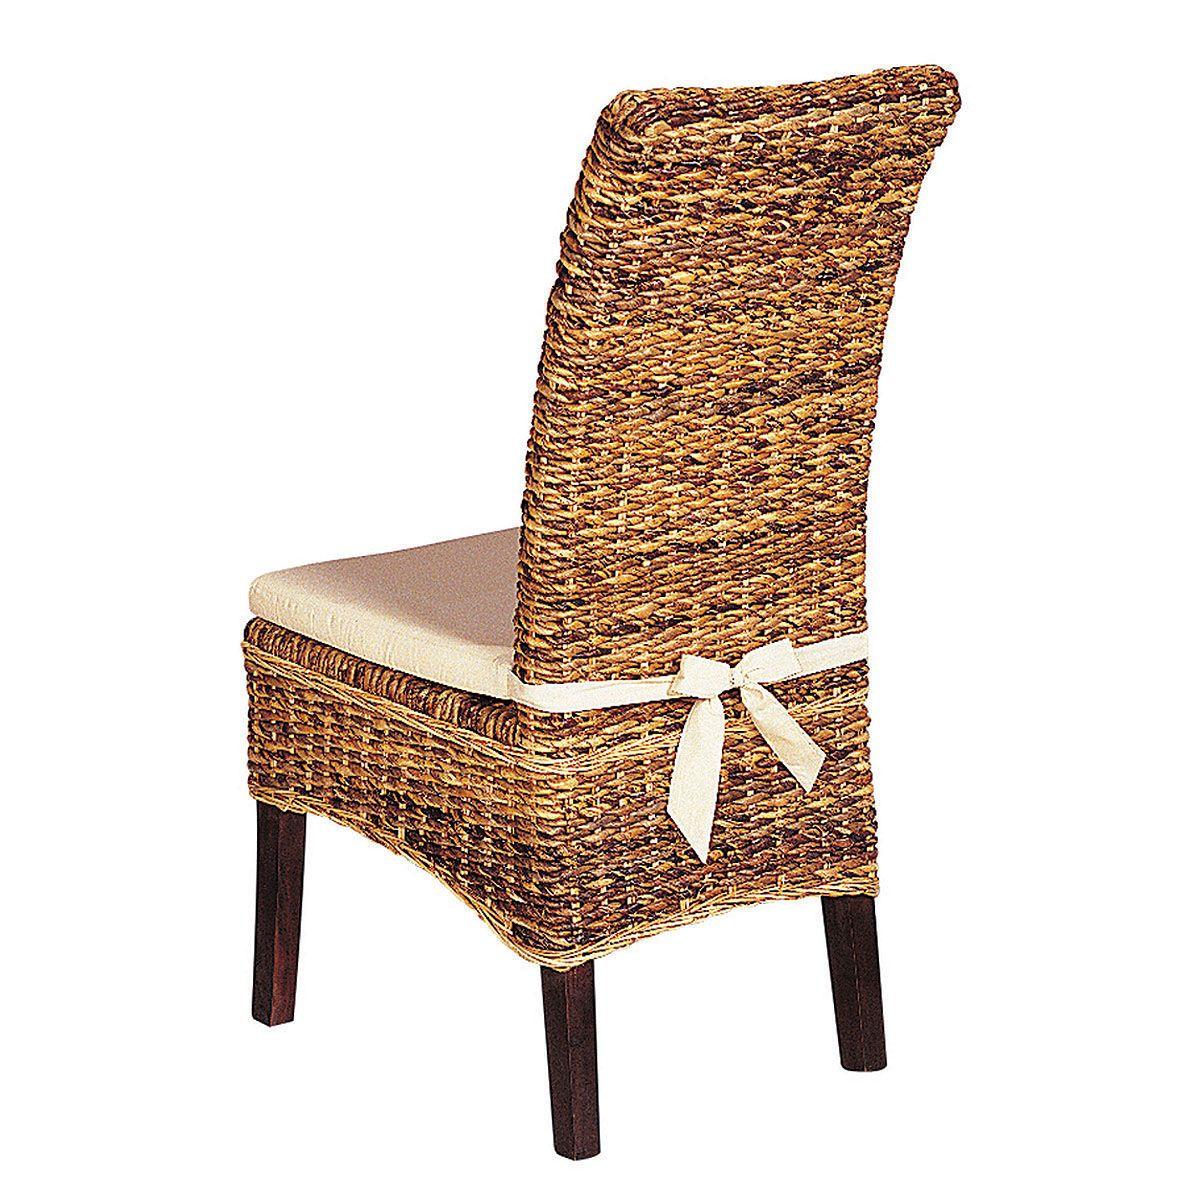 Banana Leaf Chair W Cushion Banana Leaf Chair W Cushion